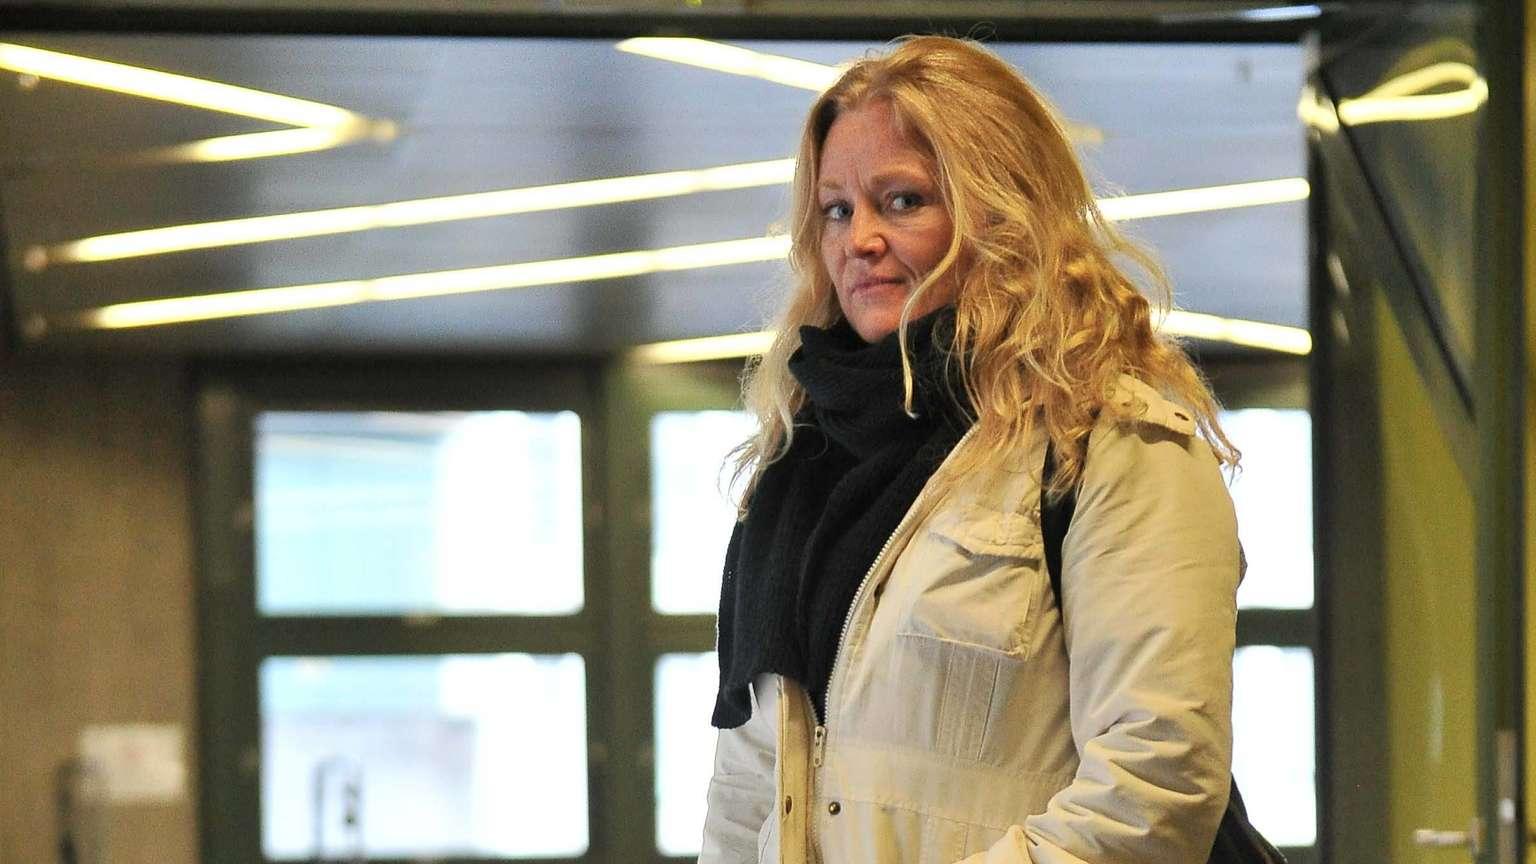 Nach Vergewaltigung: So tapfer tritt Birgit S. vor Gericht auf